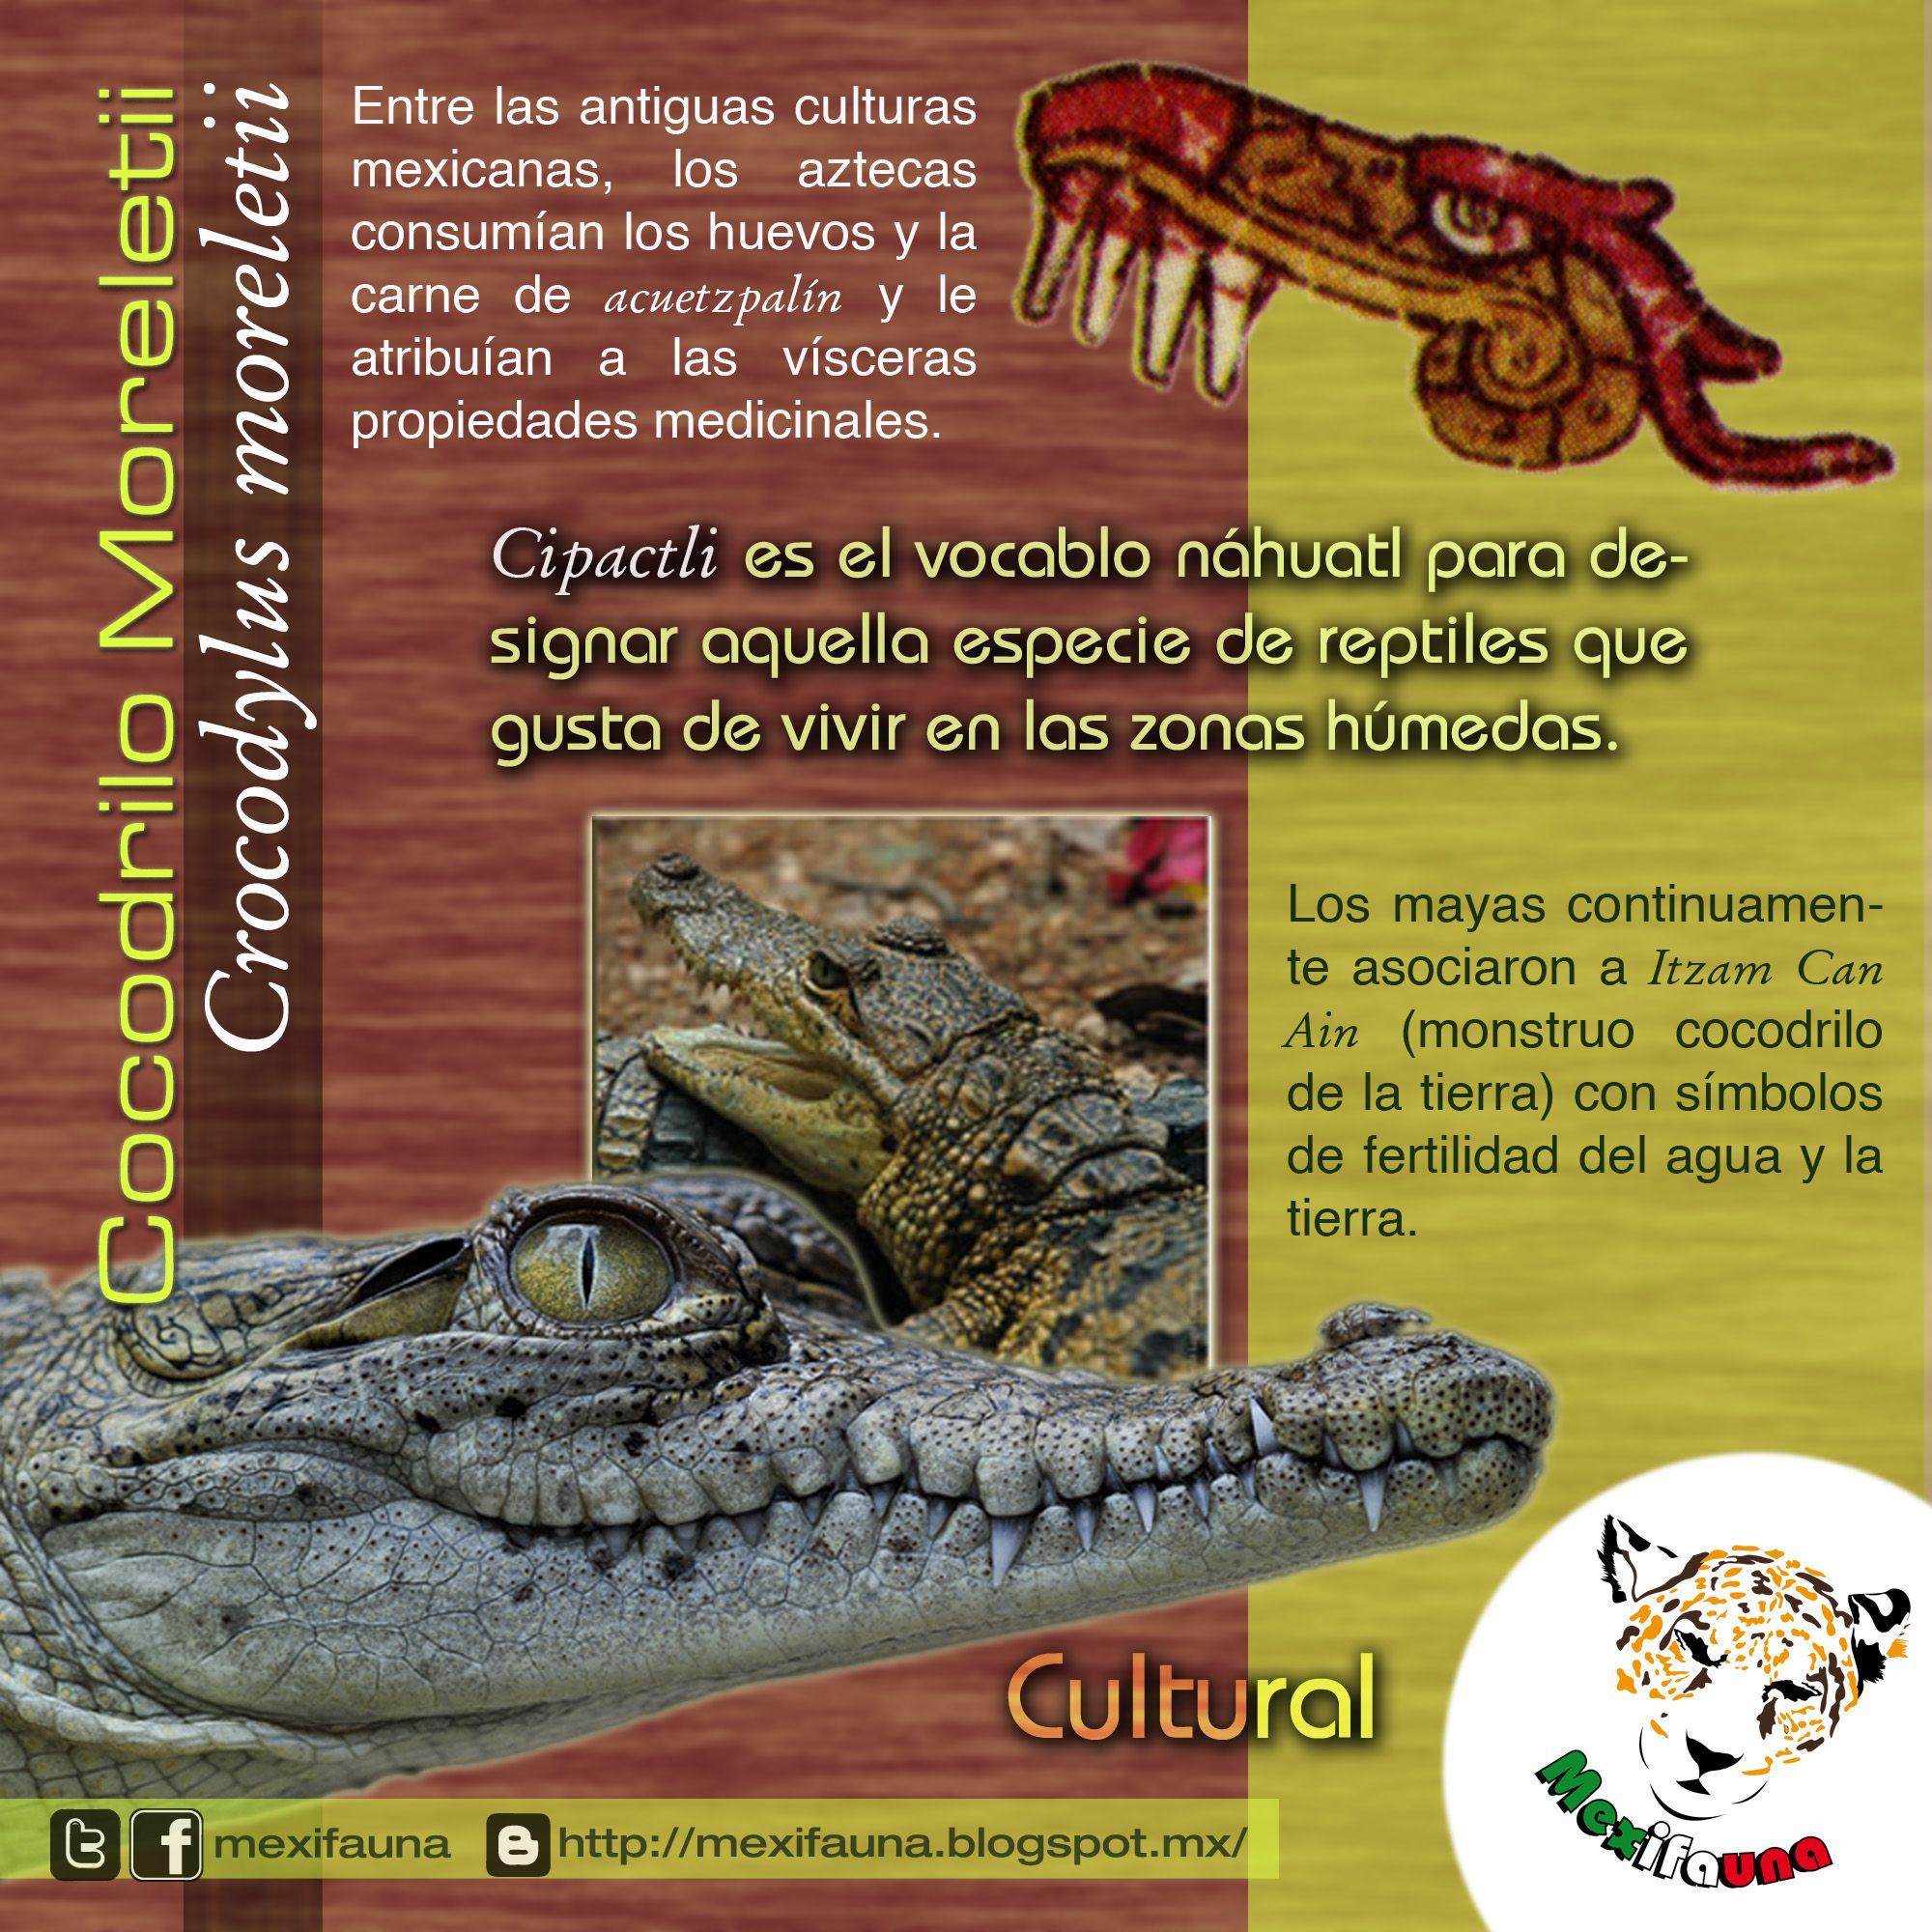 Pin de Mexifauna en Cocodrilo Moreletii   Pinterest   Cocodrilos